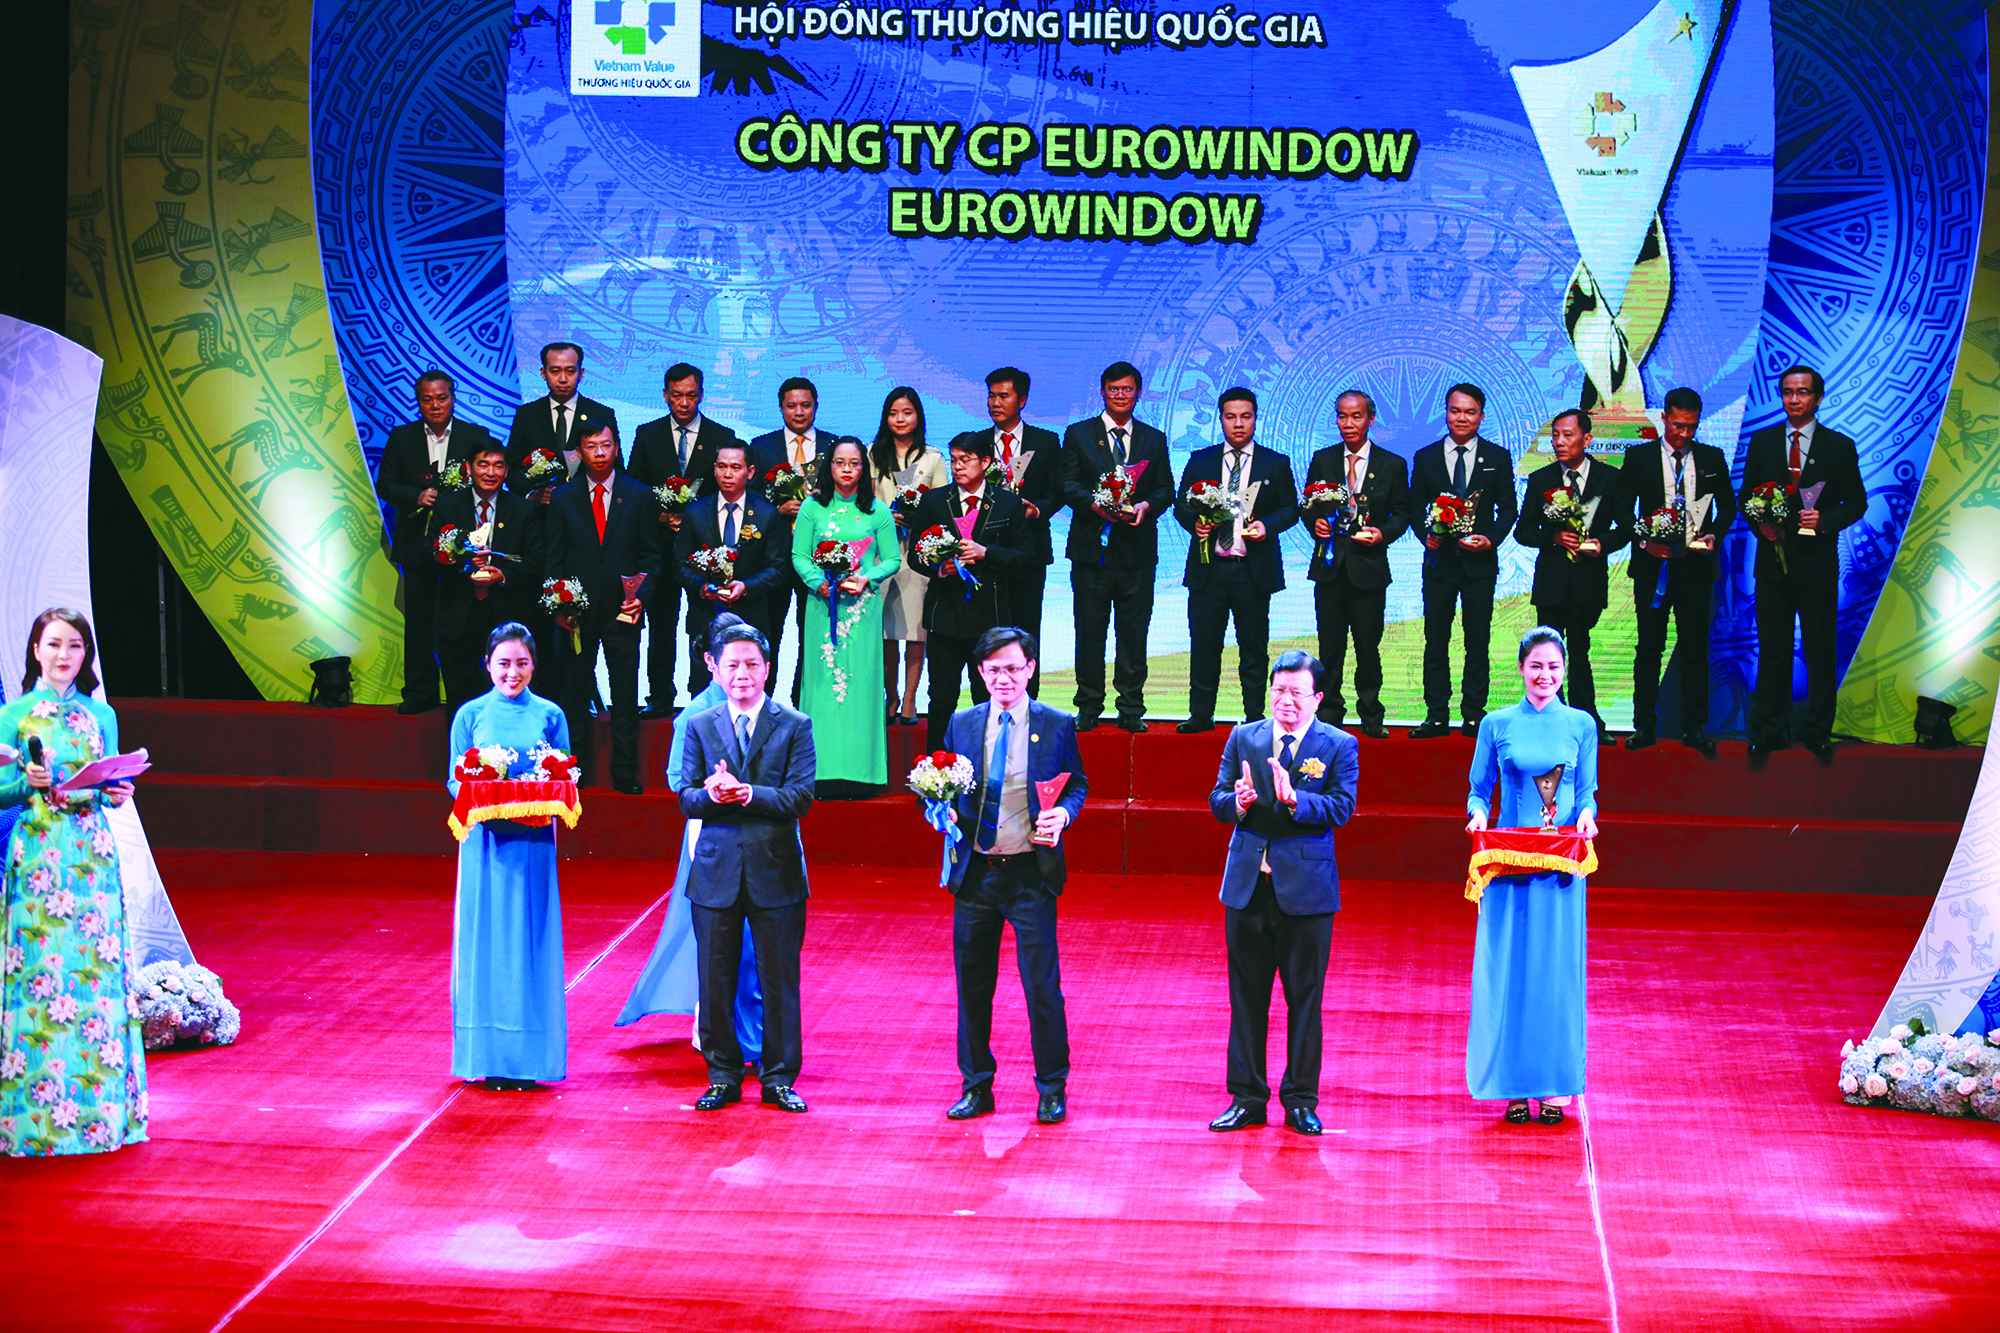 Phó Thủ tướng Trịnh Đình Dũng và Bộ trưởng Bộ Công Thương Trần Tuấn Anh  khen thưởng các doanh nghiệp có sản phẩm đạt THQG 2018